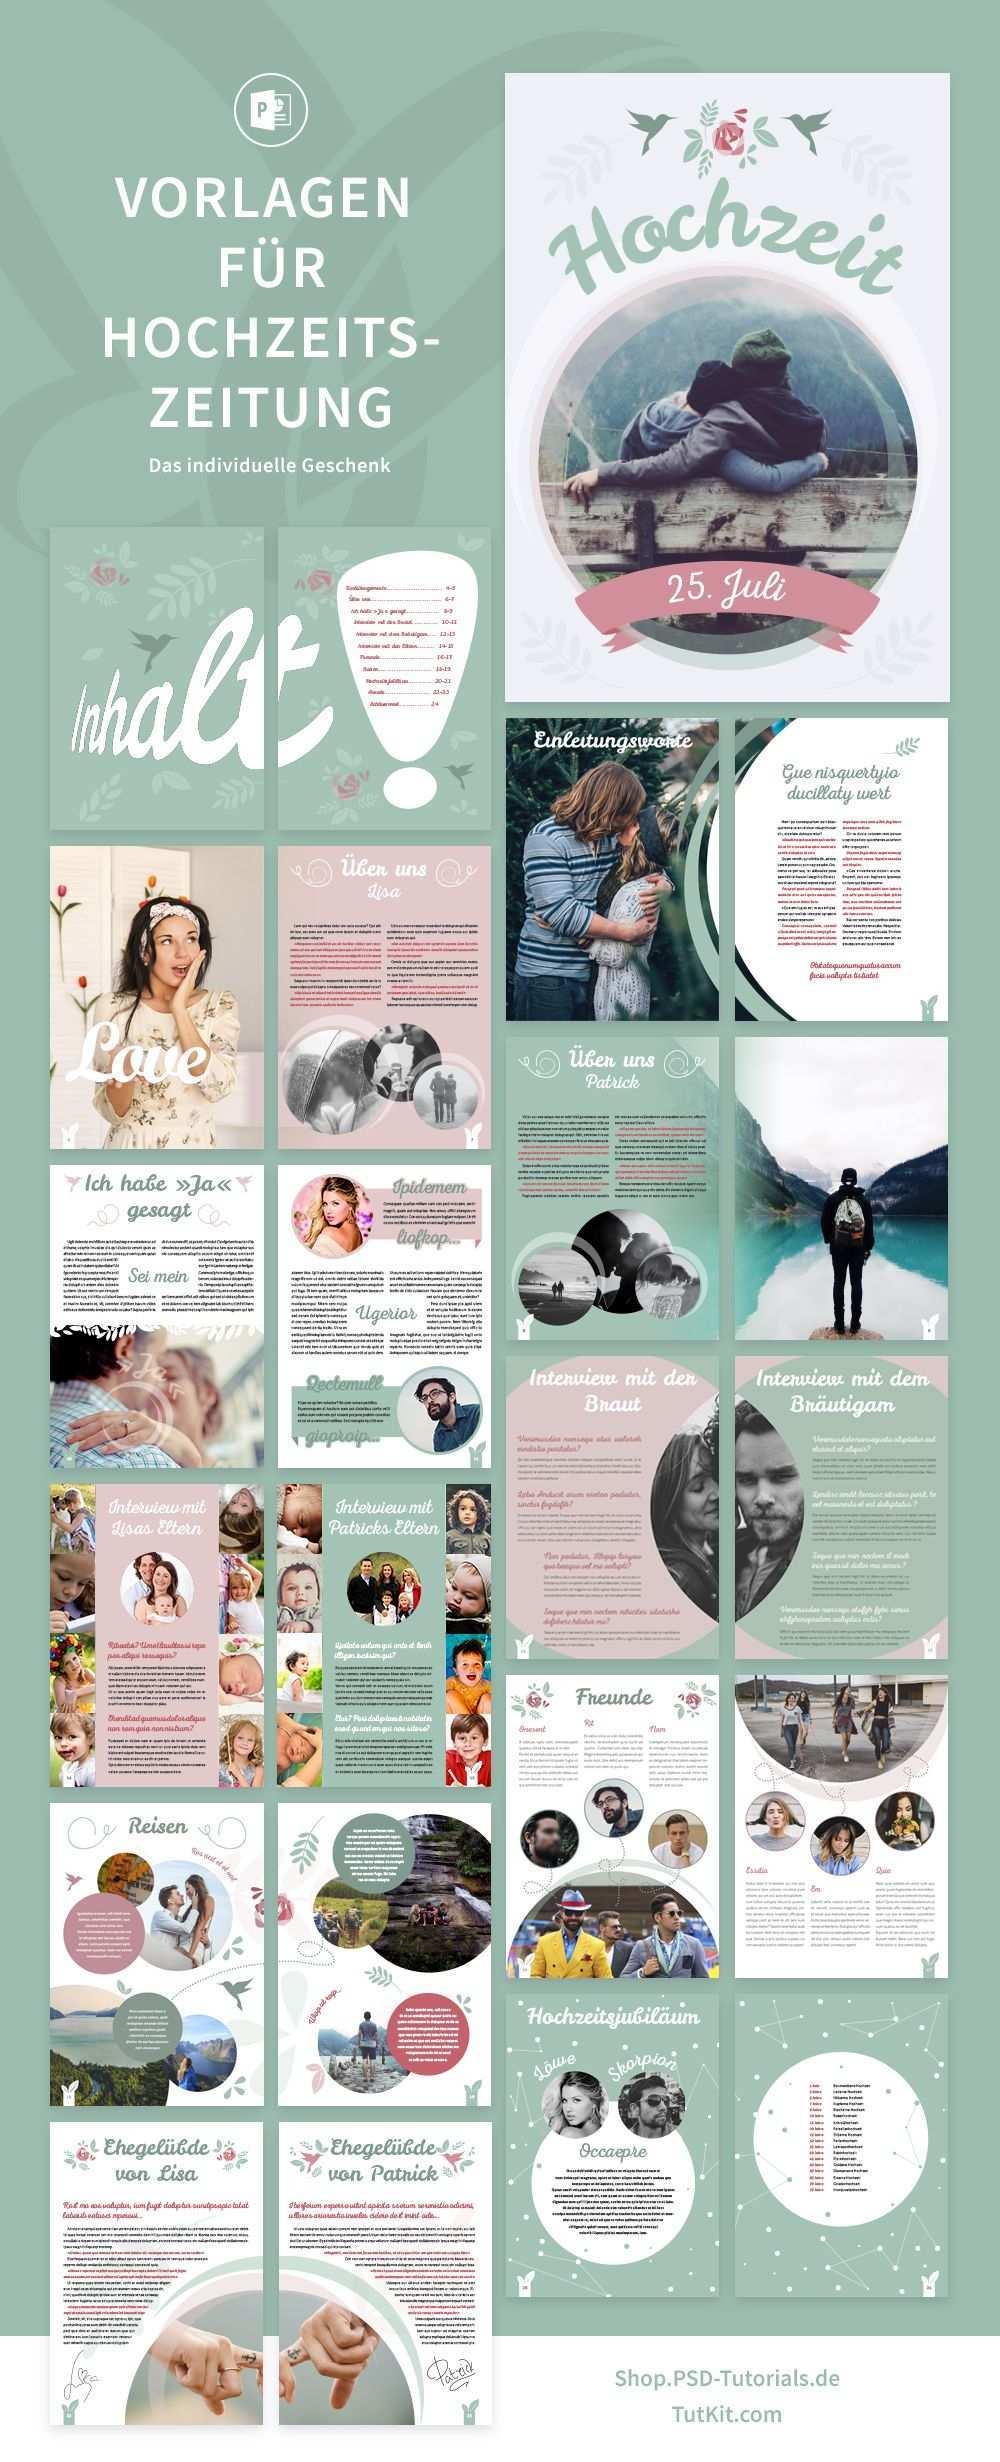 Hochzeitszeitung Vorlagen Fur Powerpoint Indesign Hochzeitszeitung Hochzeitszeitung Ideen Hochzeitszeitung Gestalten